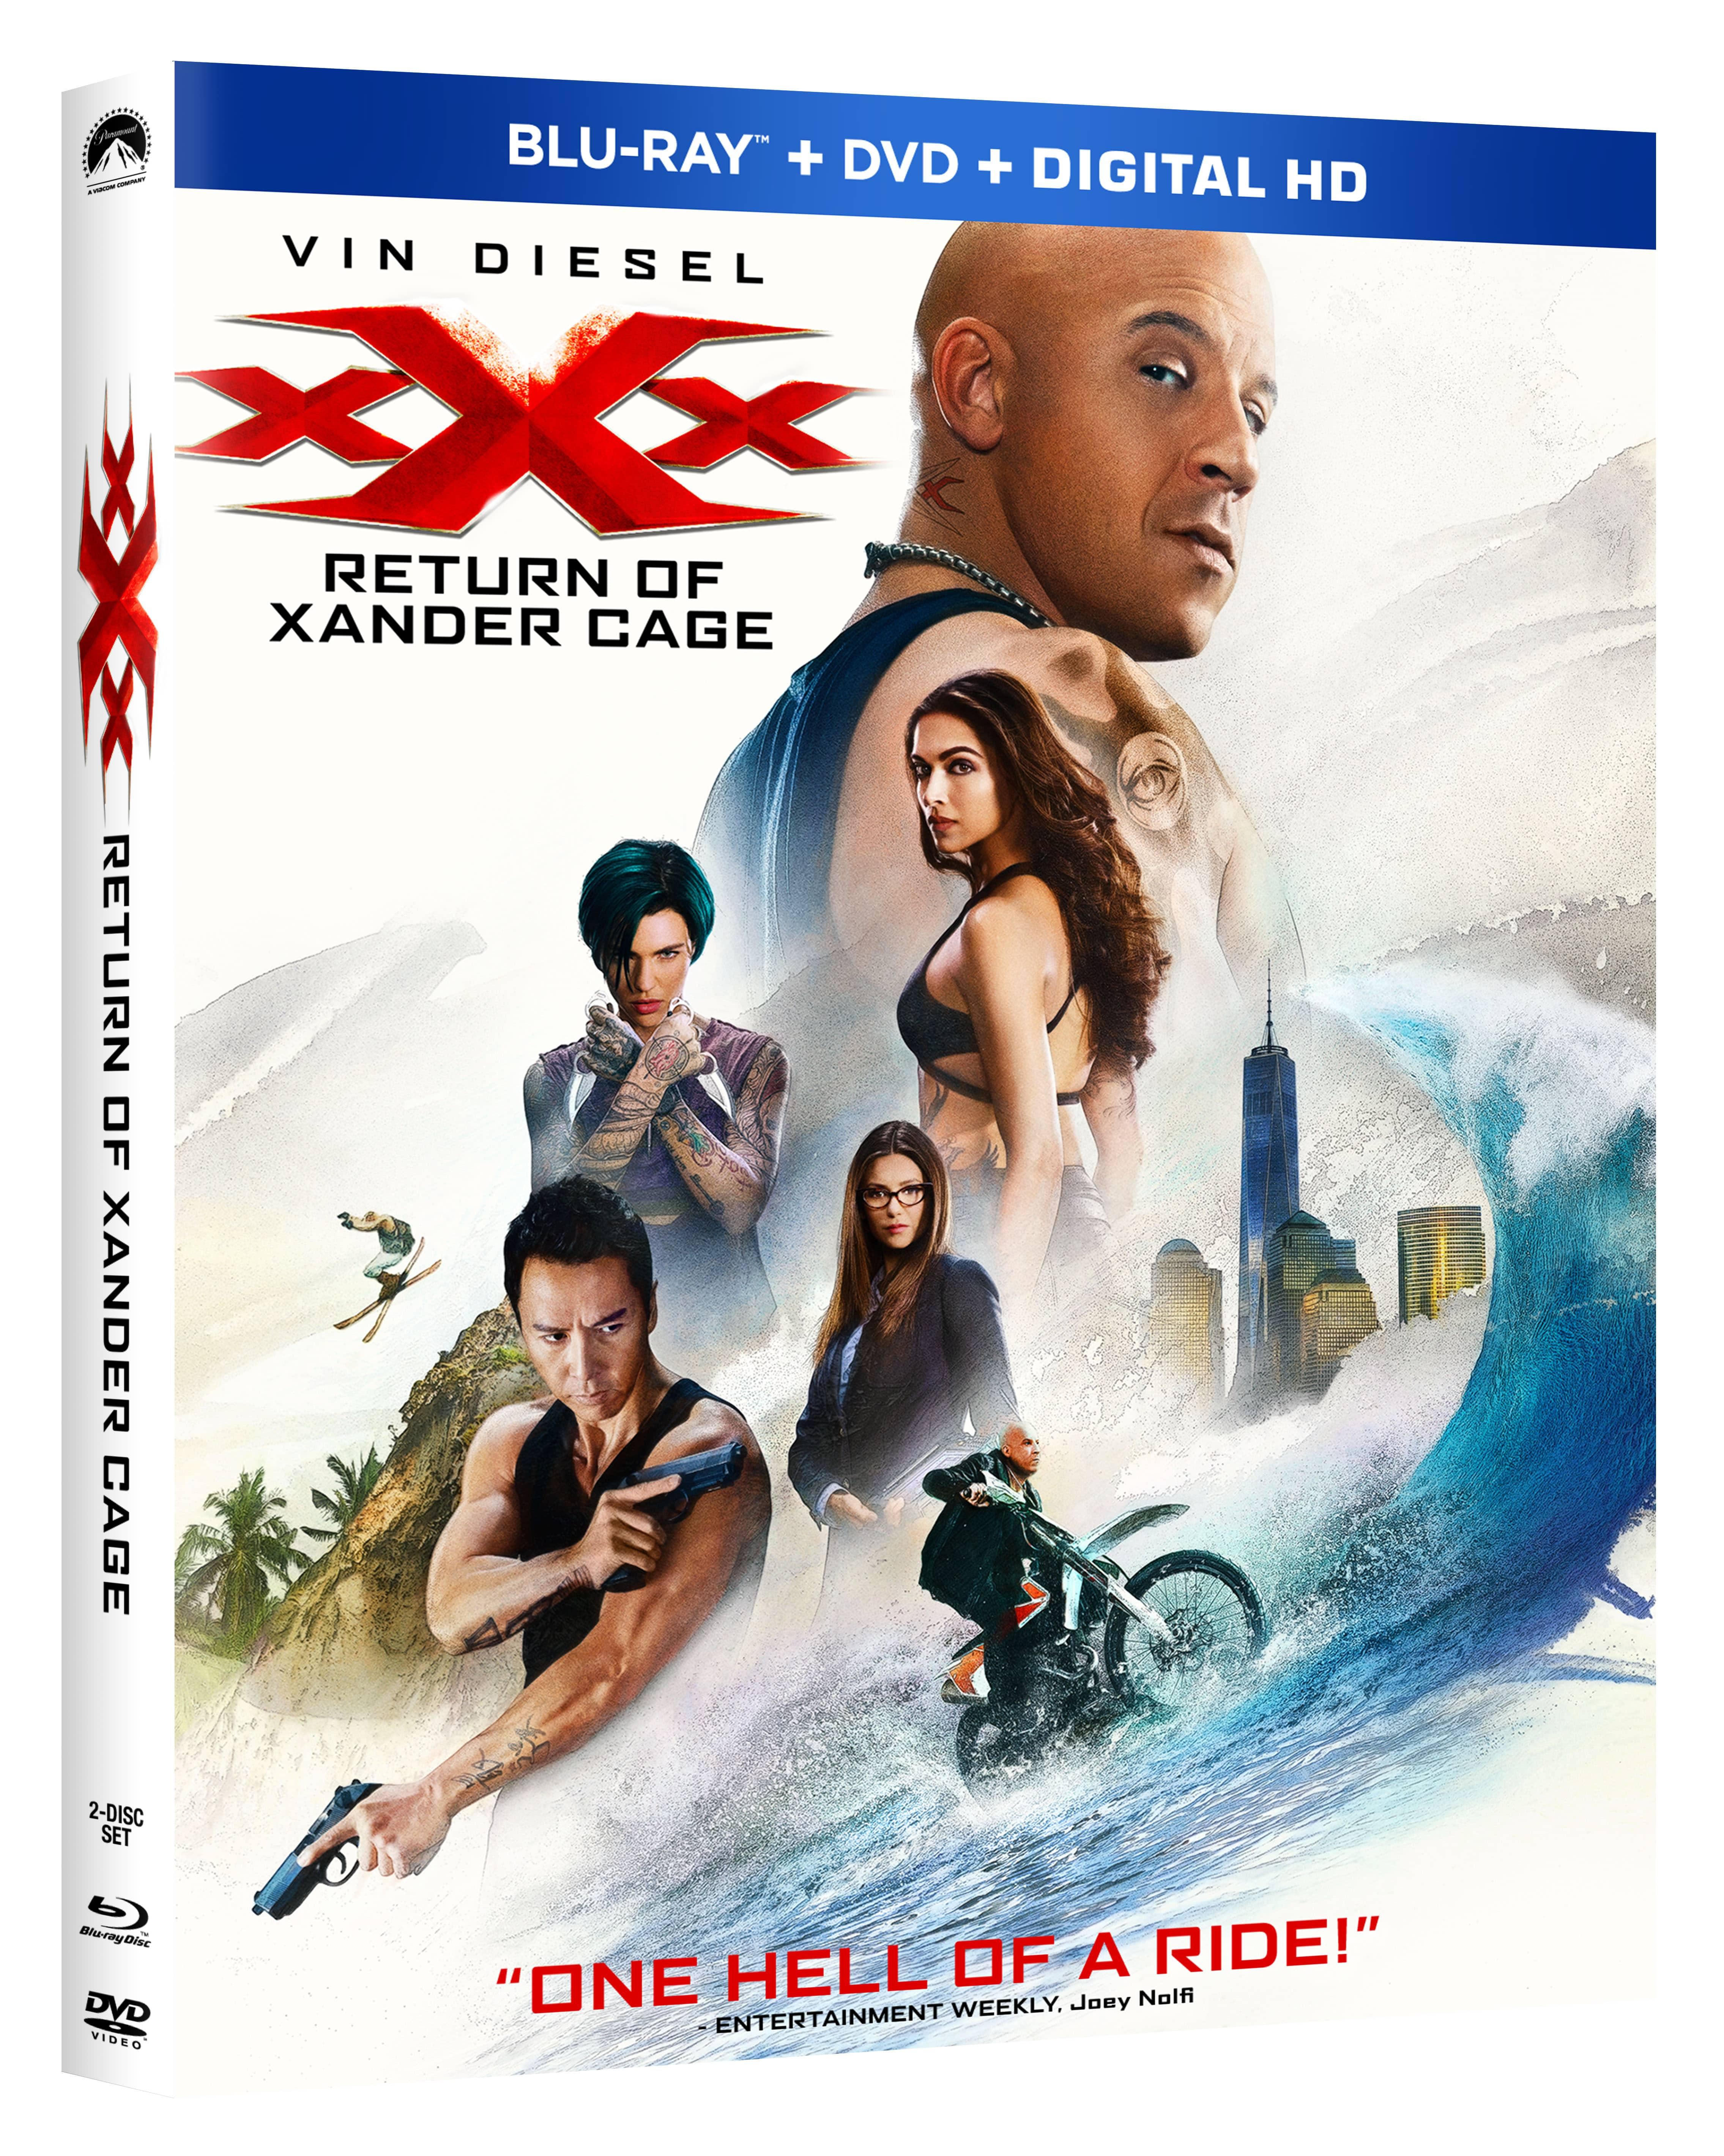 Xxx Dvd Reviews